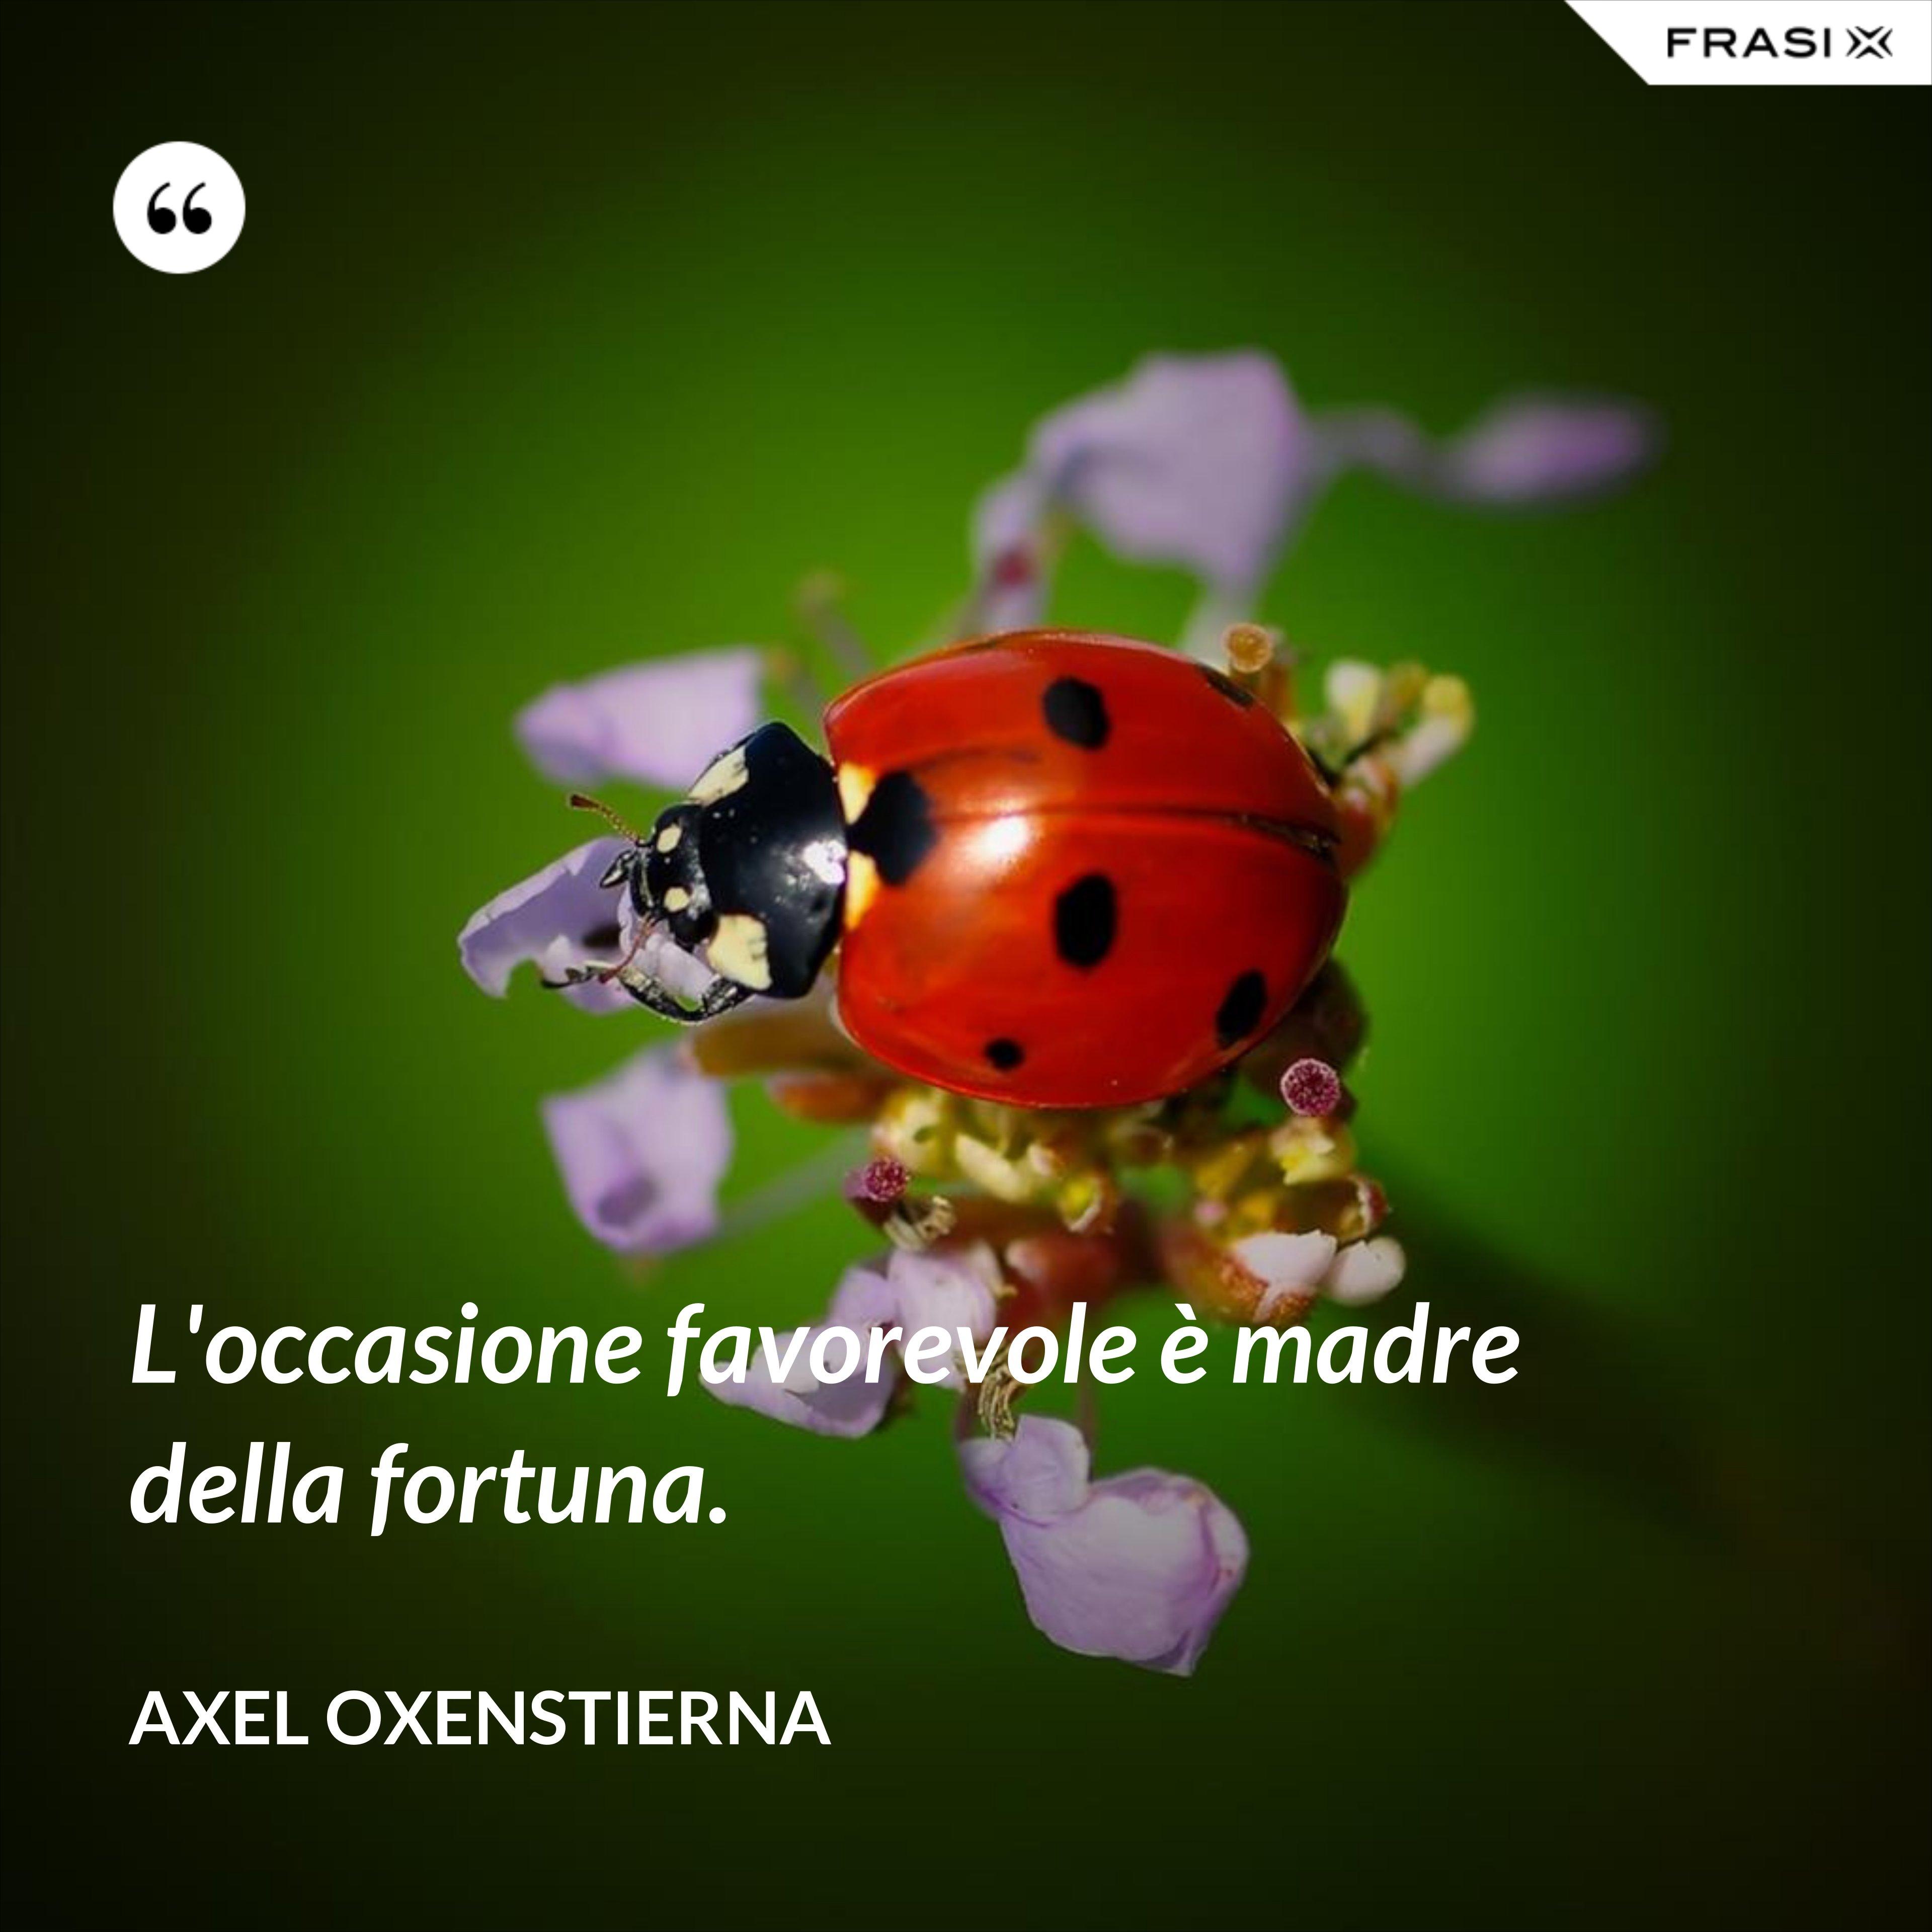 L'occasione favorevole è madre della fortuna. - Axel Oxenstierna